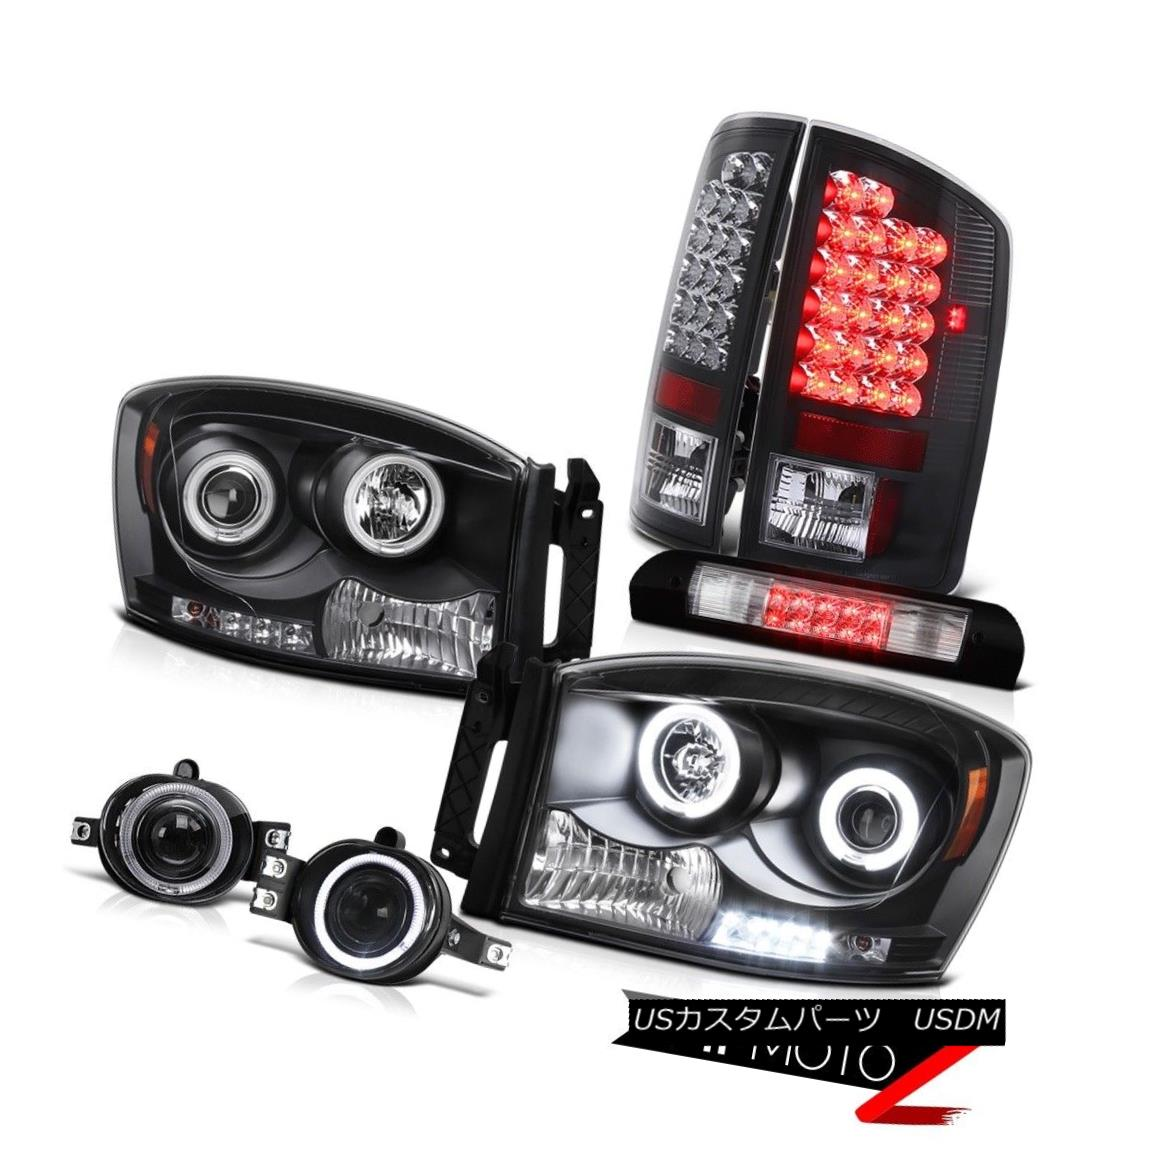 ヘッドライト 2007-2008 Ram 2500 CCFL Halo Headlights Black LED Tail Lights Foglights Cargo 2007-2008 Ram 2500 CCFL HaloヘッドライトブラックLEDテールライトFoglights Cargo